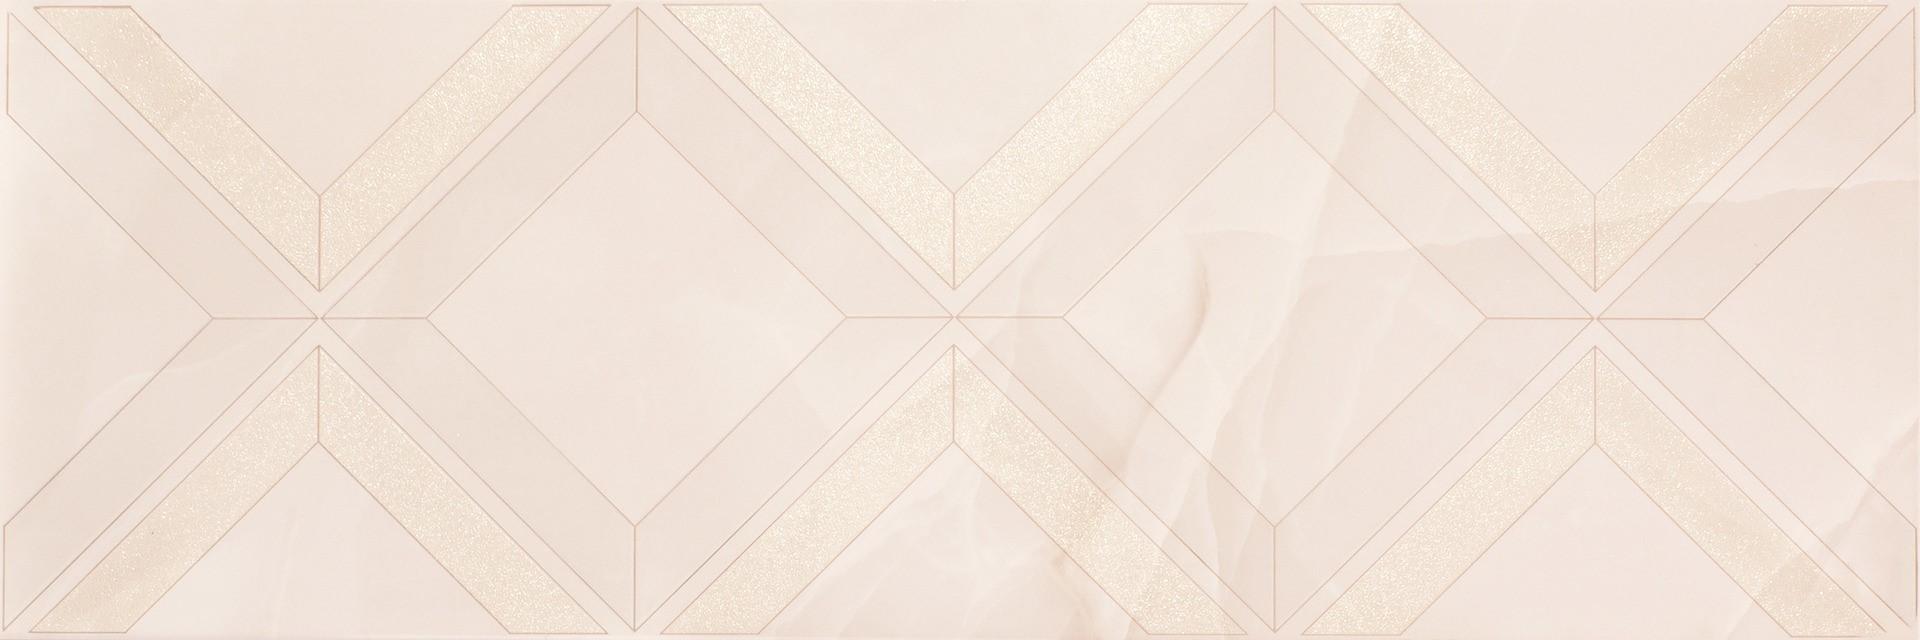 Obklad Divine Light 30x90 cm, lesk